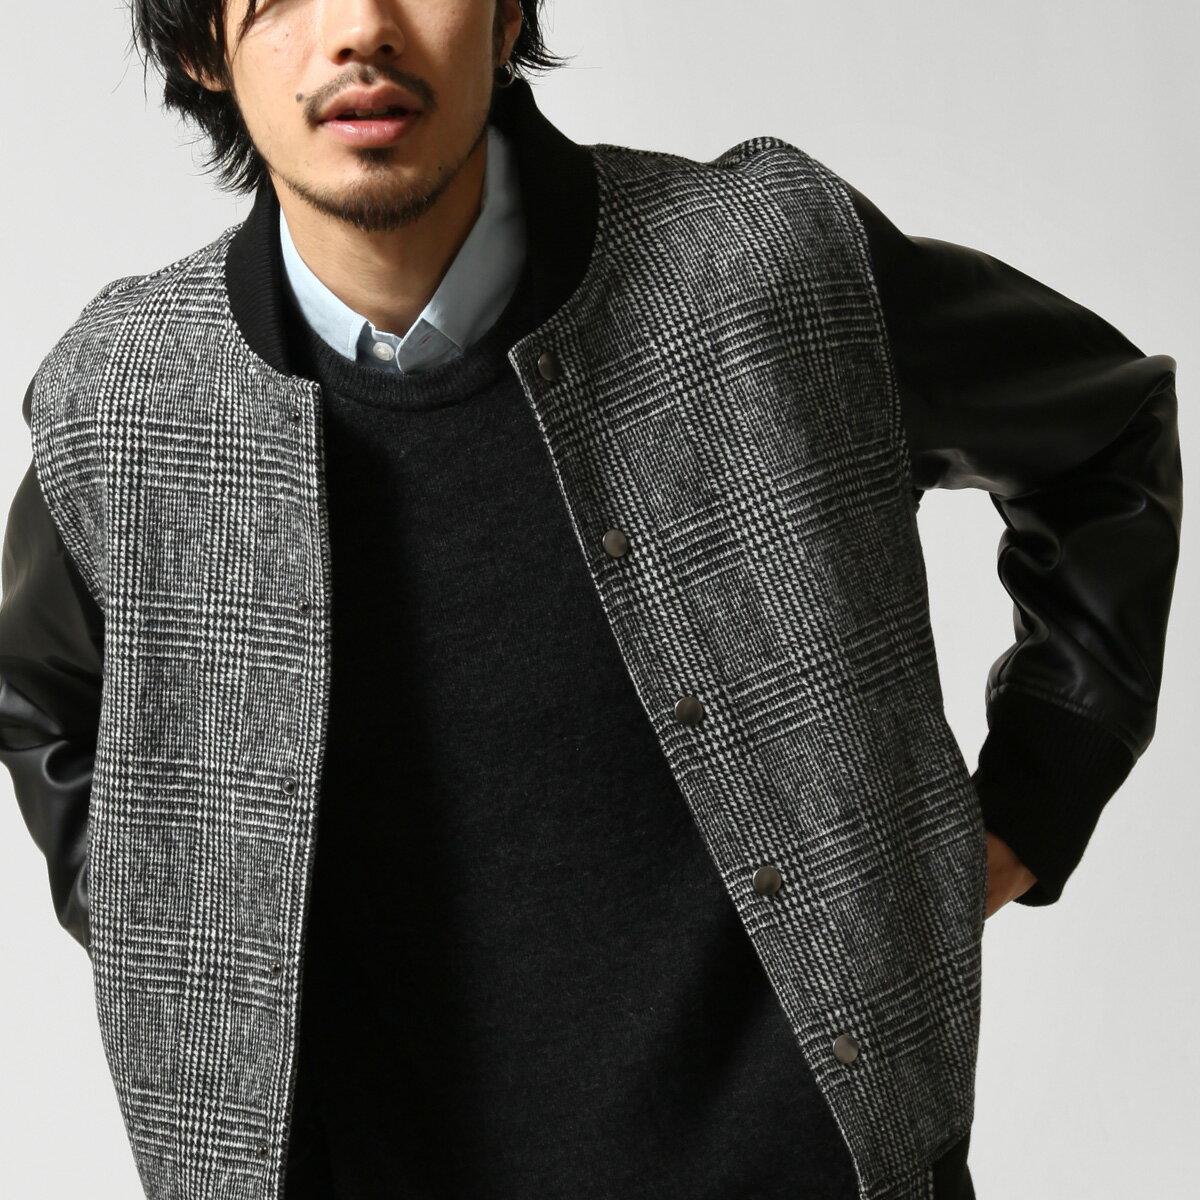 【現貨】 羊毛棒球外套 拼接皮革 8